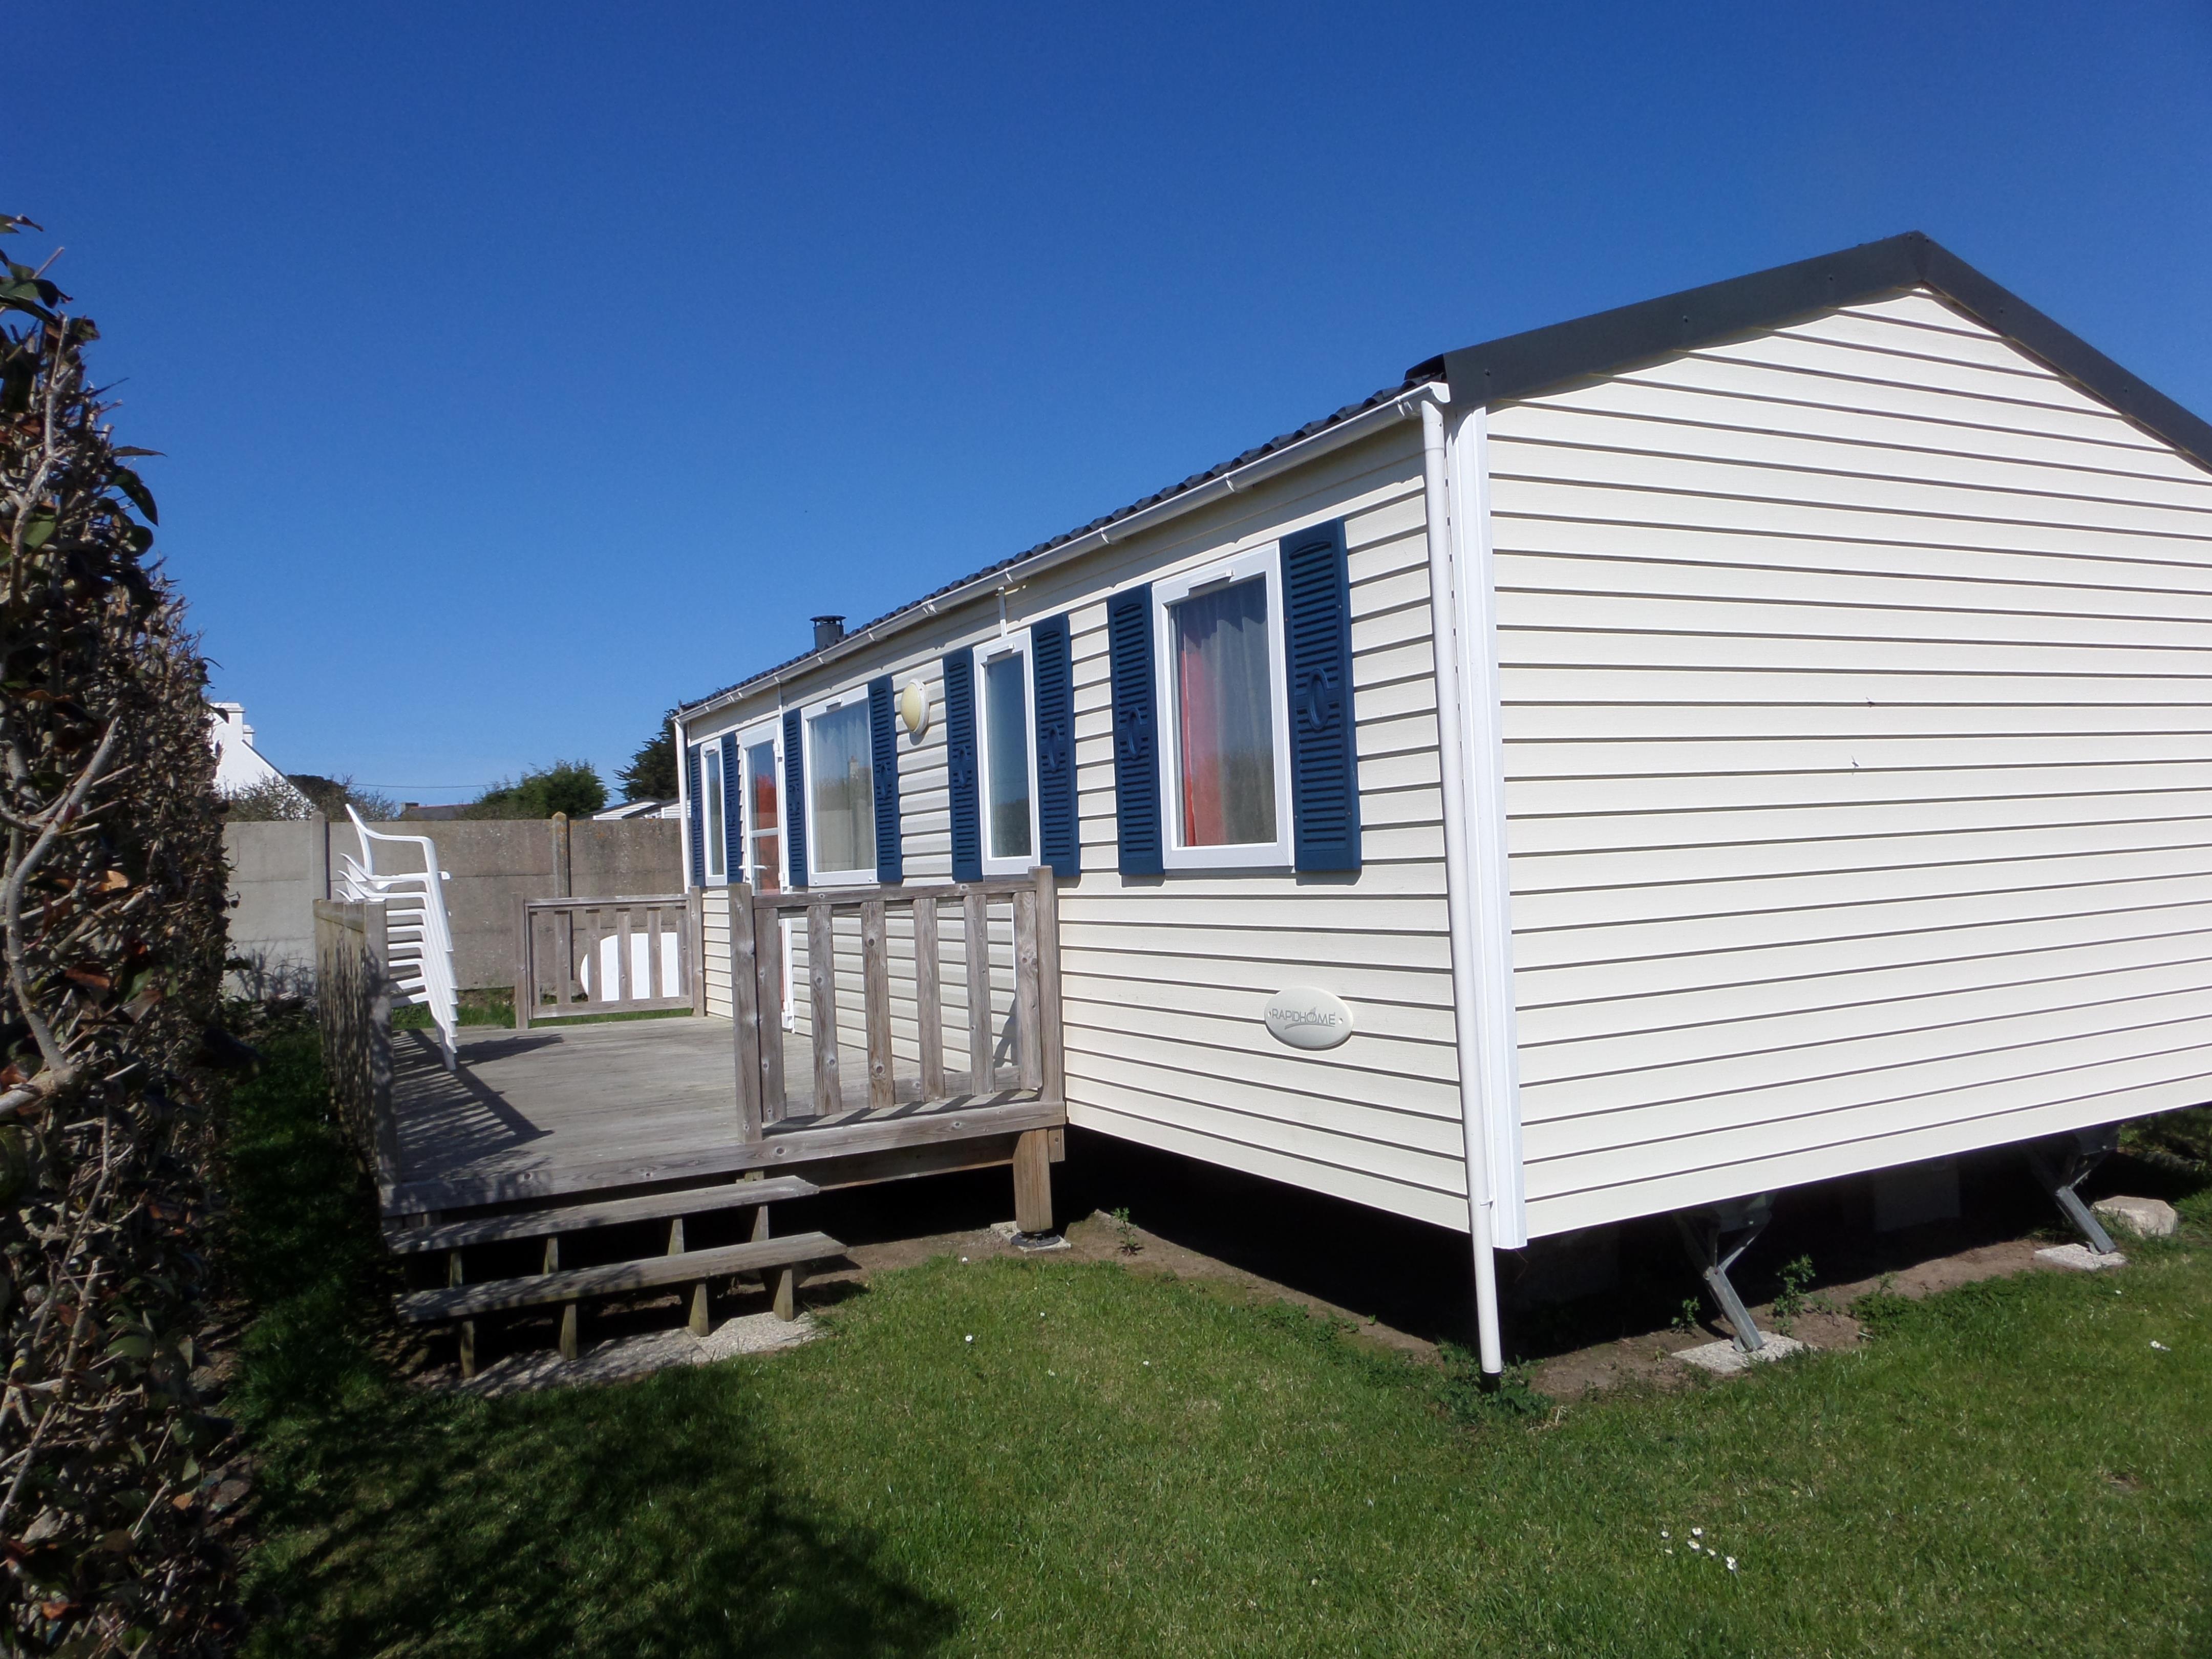 Mobil-home RAPIDHOME 33.5 m² / 3 chambres - Terrasse semi-couverte